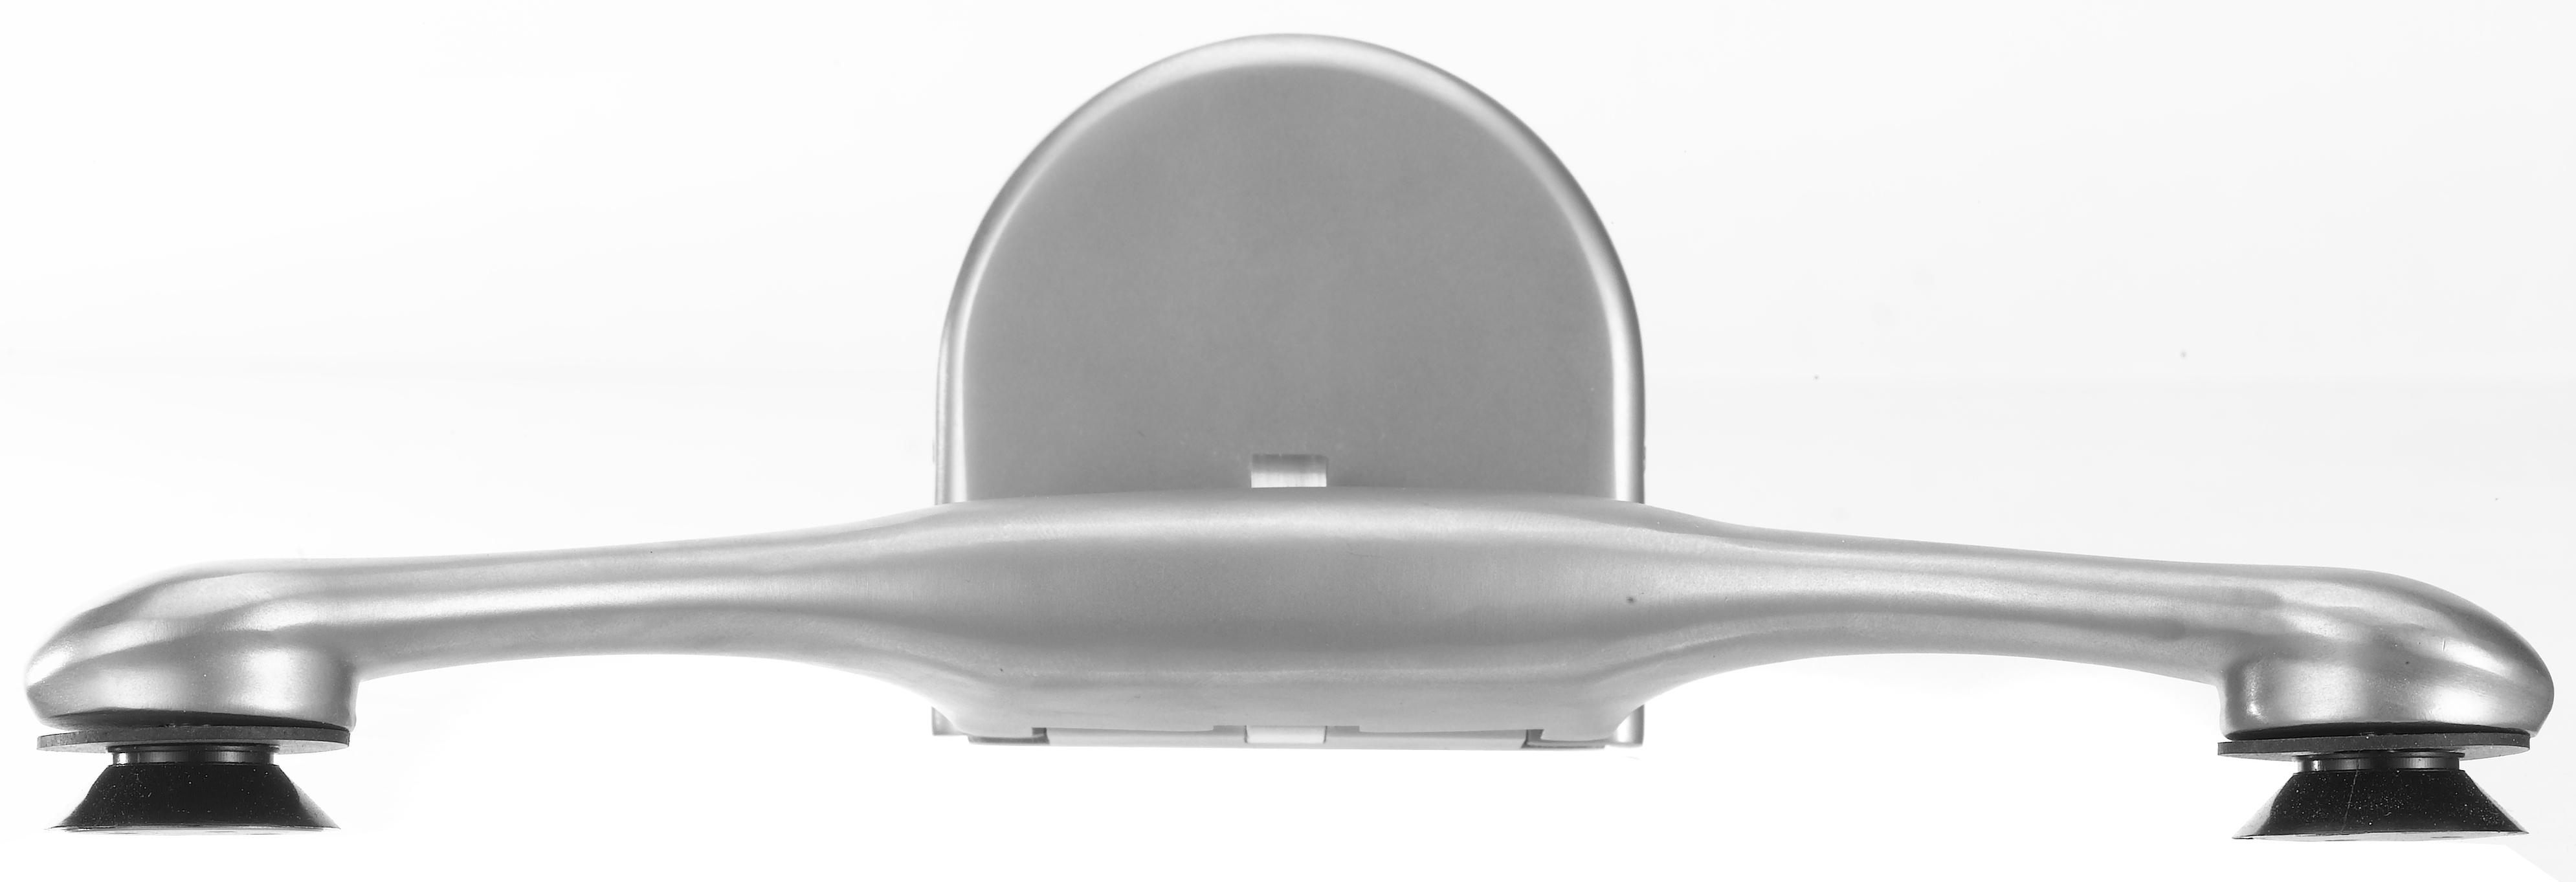 Sisteme de fixare si rotatie pentru usi pivotante SADEV DECOR - Poza 10